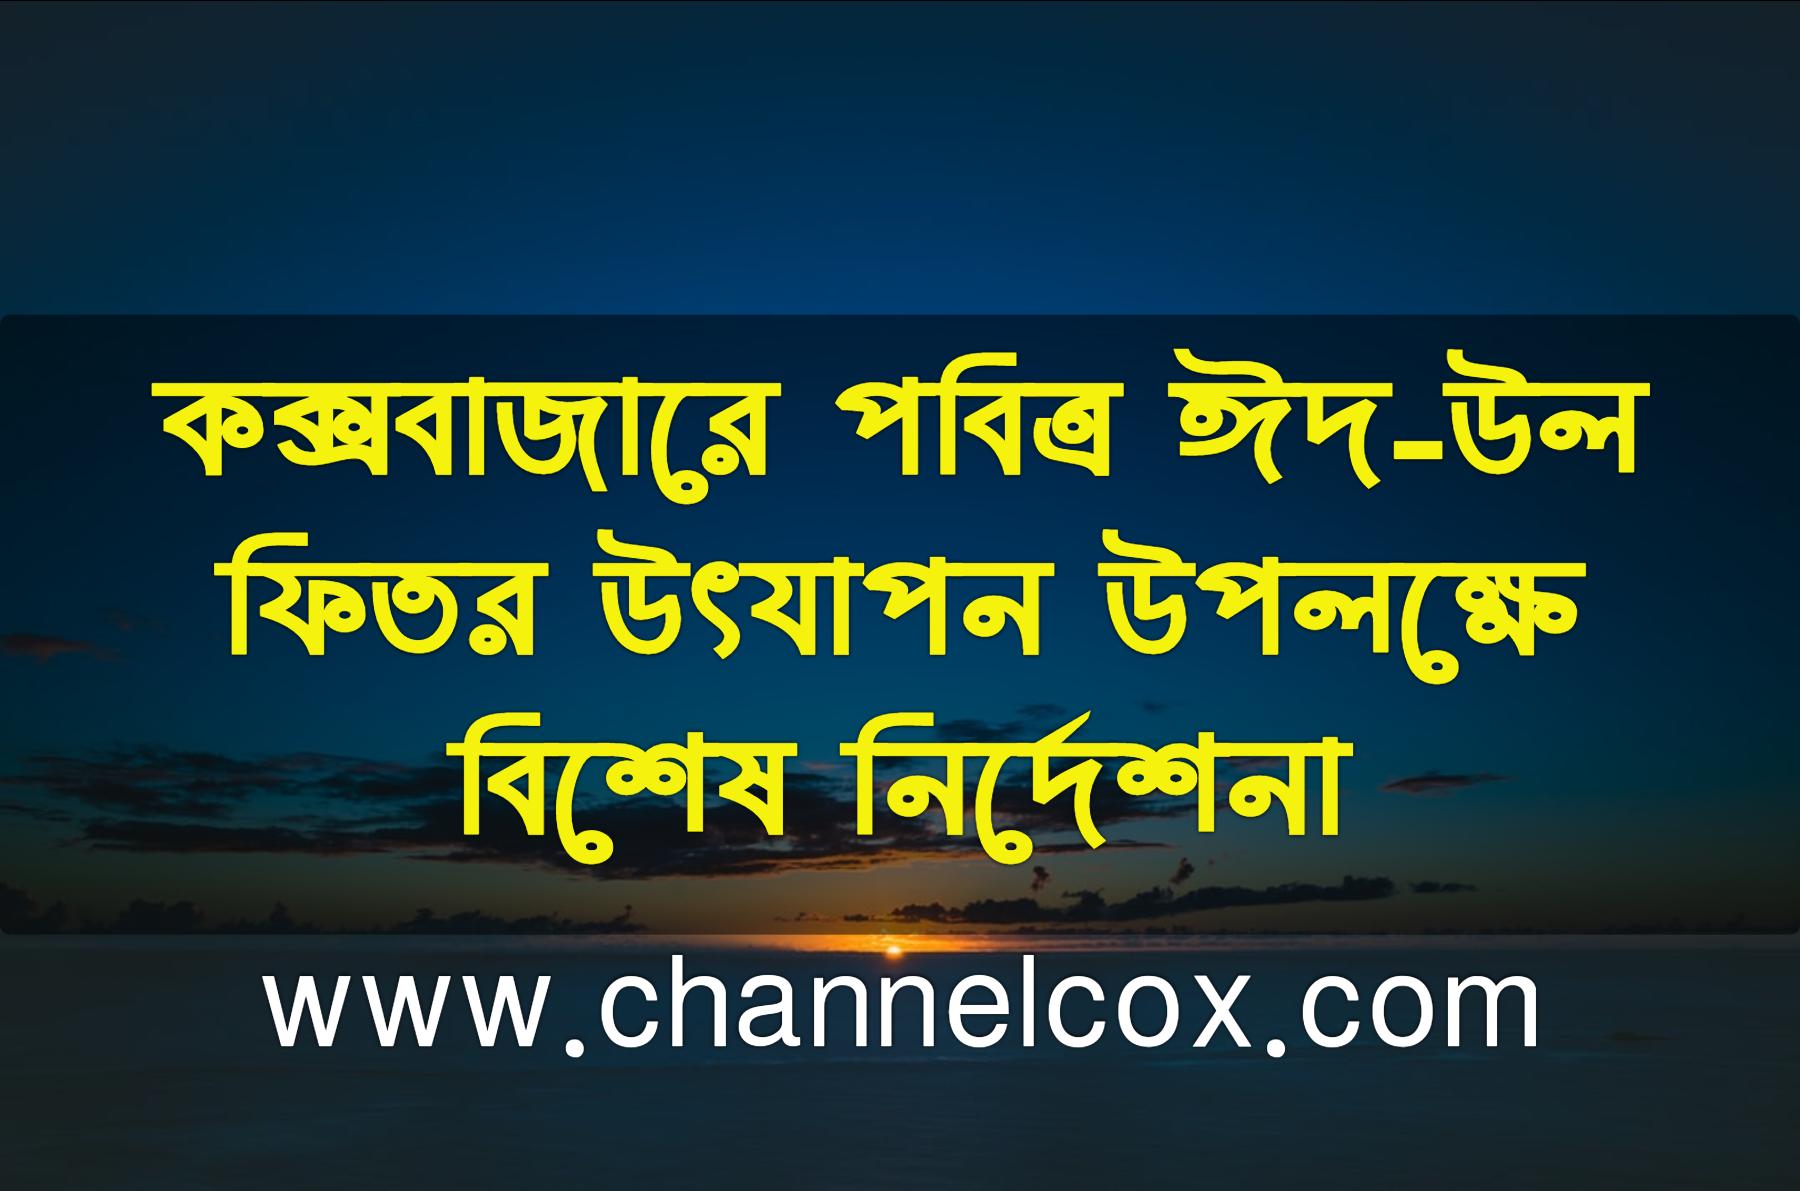 পবিত্র ঈদ-উল-ফিতর উপলক্ষে কক্সবাজারবাসীর নির্দেশনা l Channel Cox News